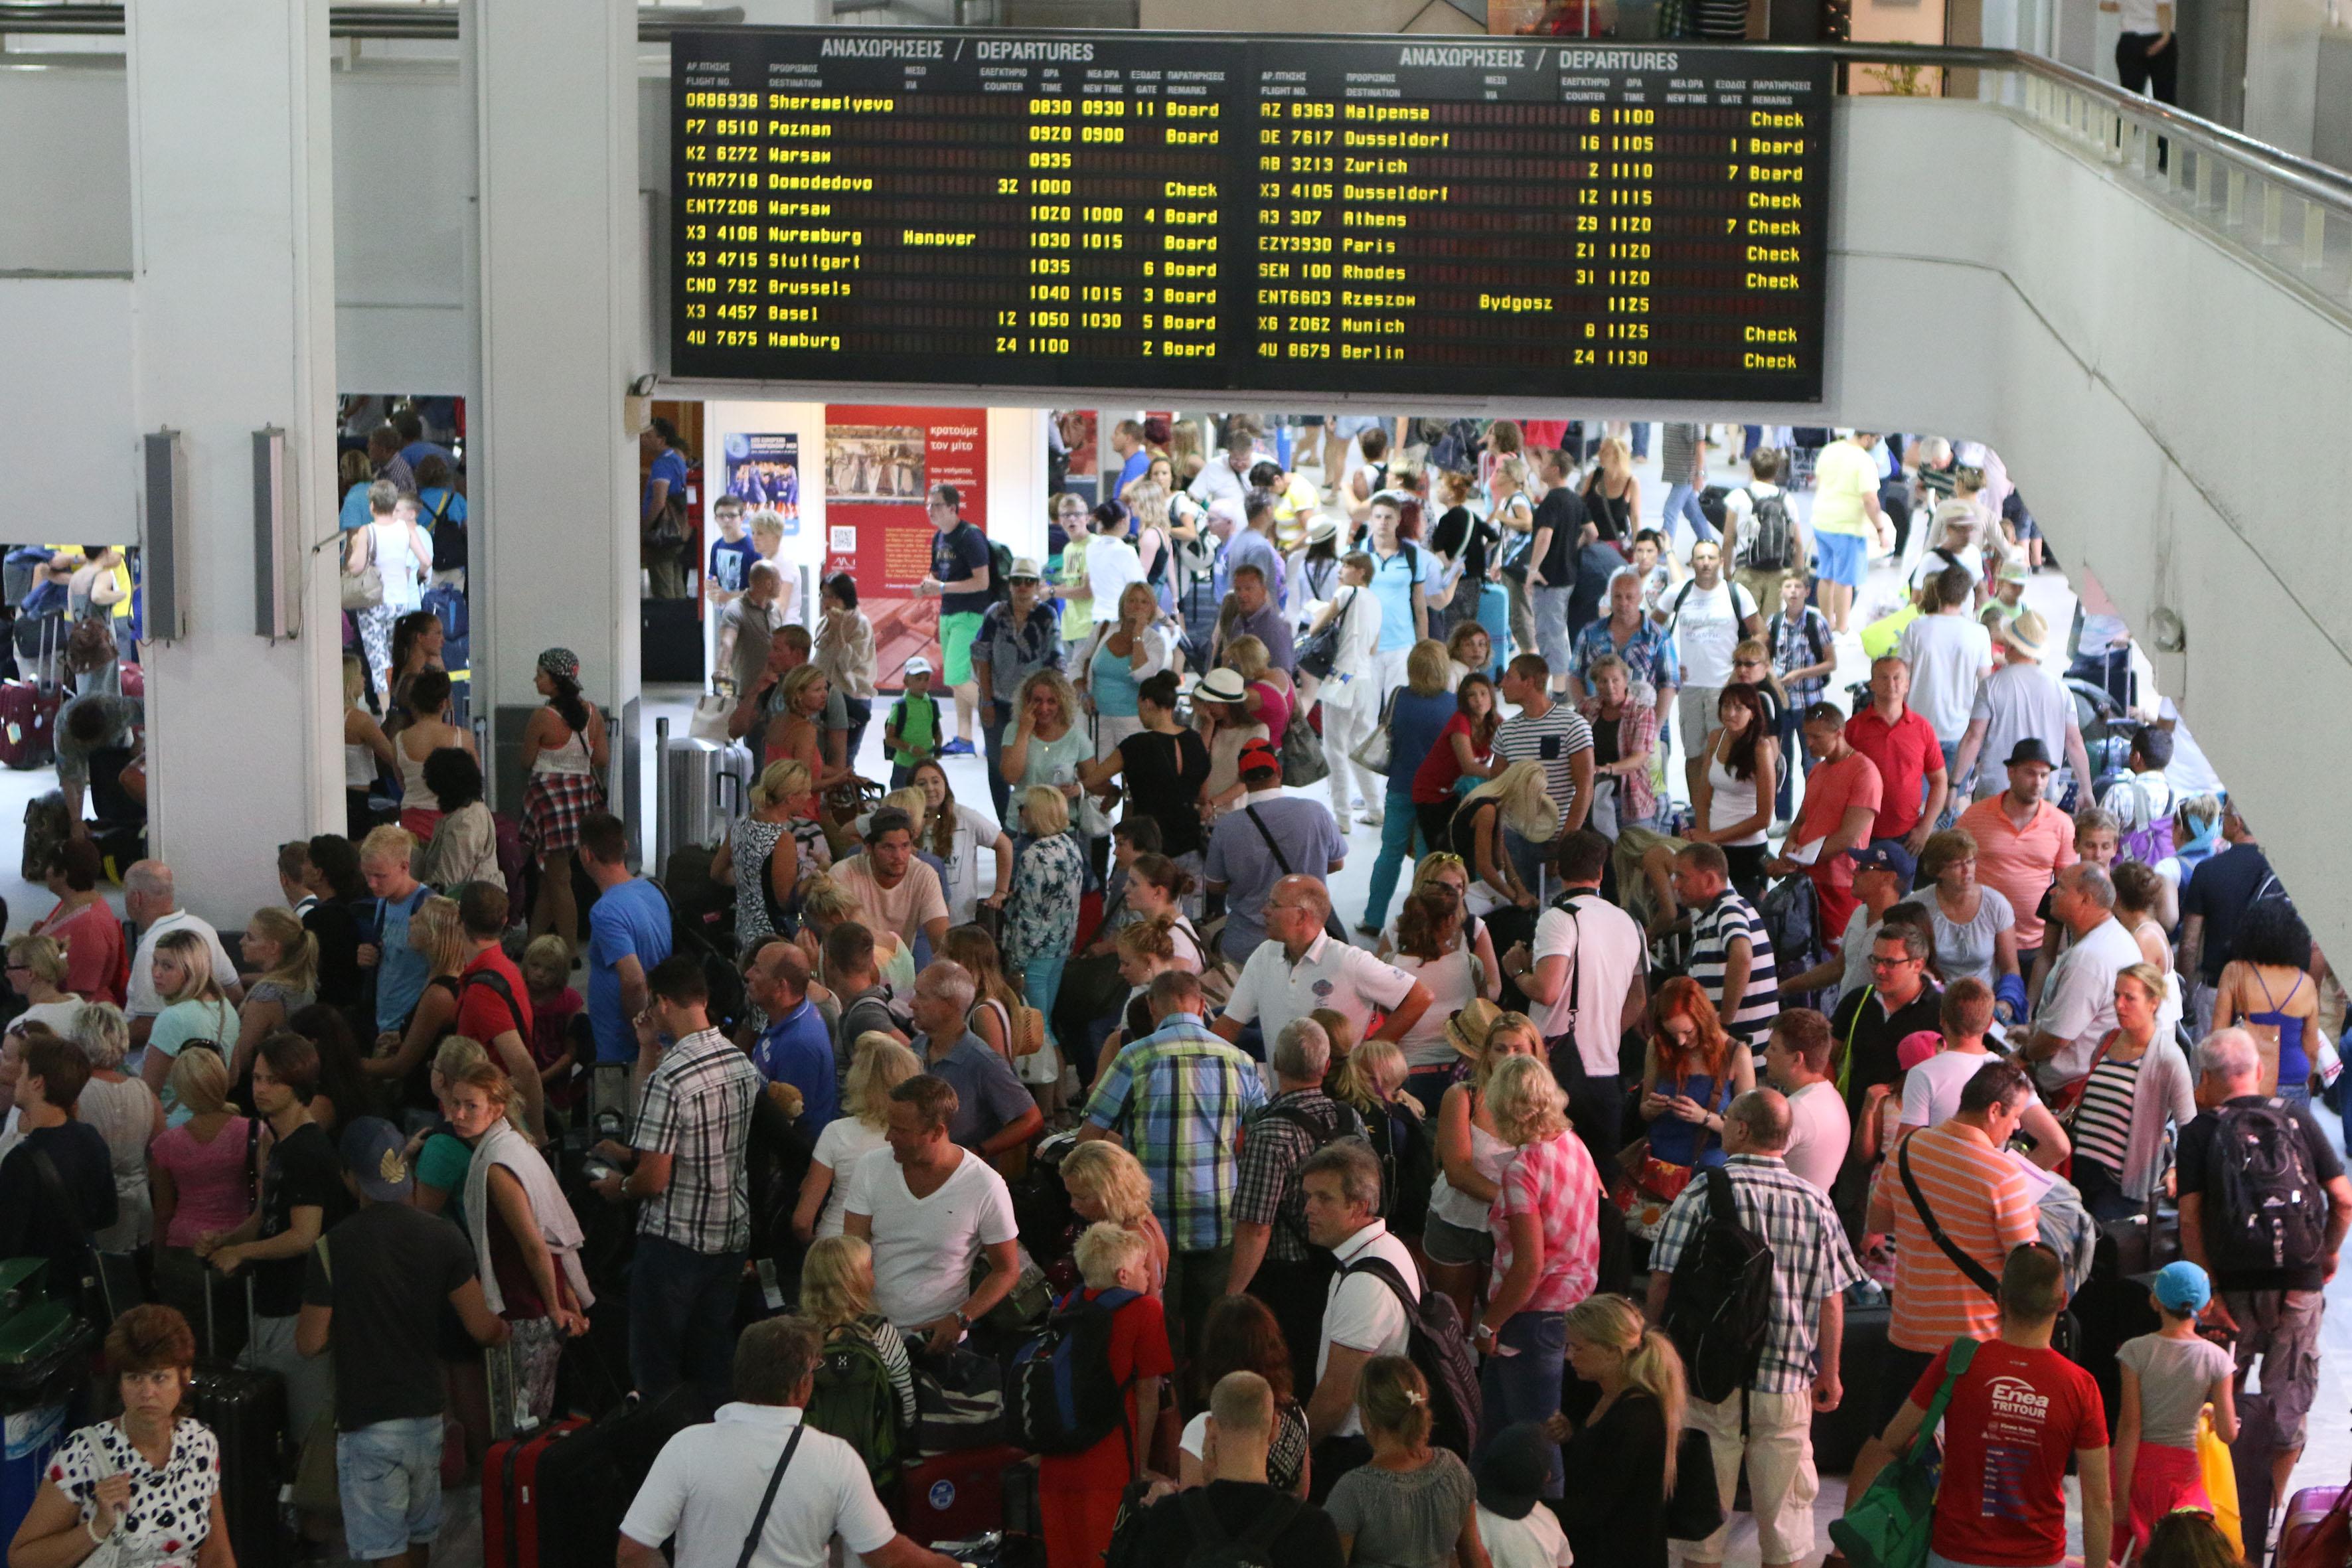 Τουρισμός: 1 εκατομμύριο κρατήσεις την ημέρα - Κατακόρυφη άνοδος των κρατήσεων από Βρετανία